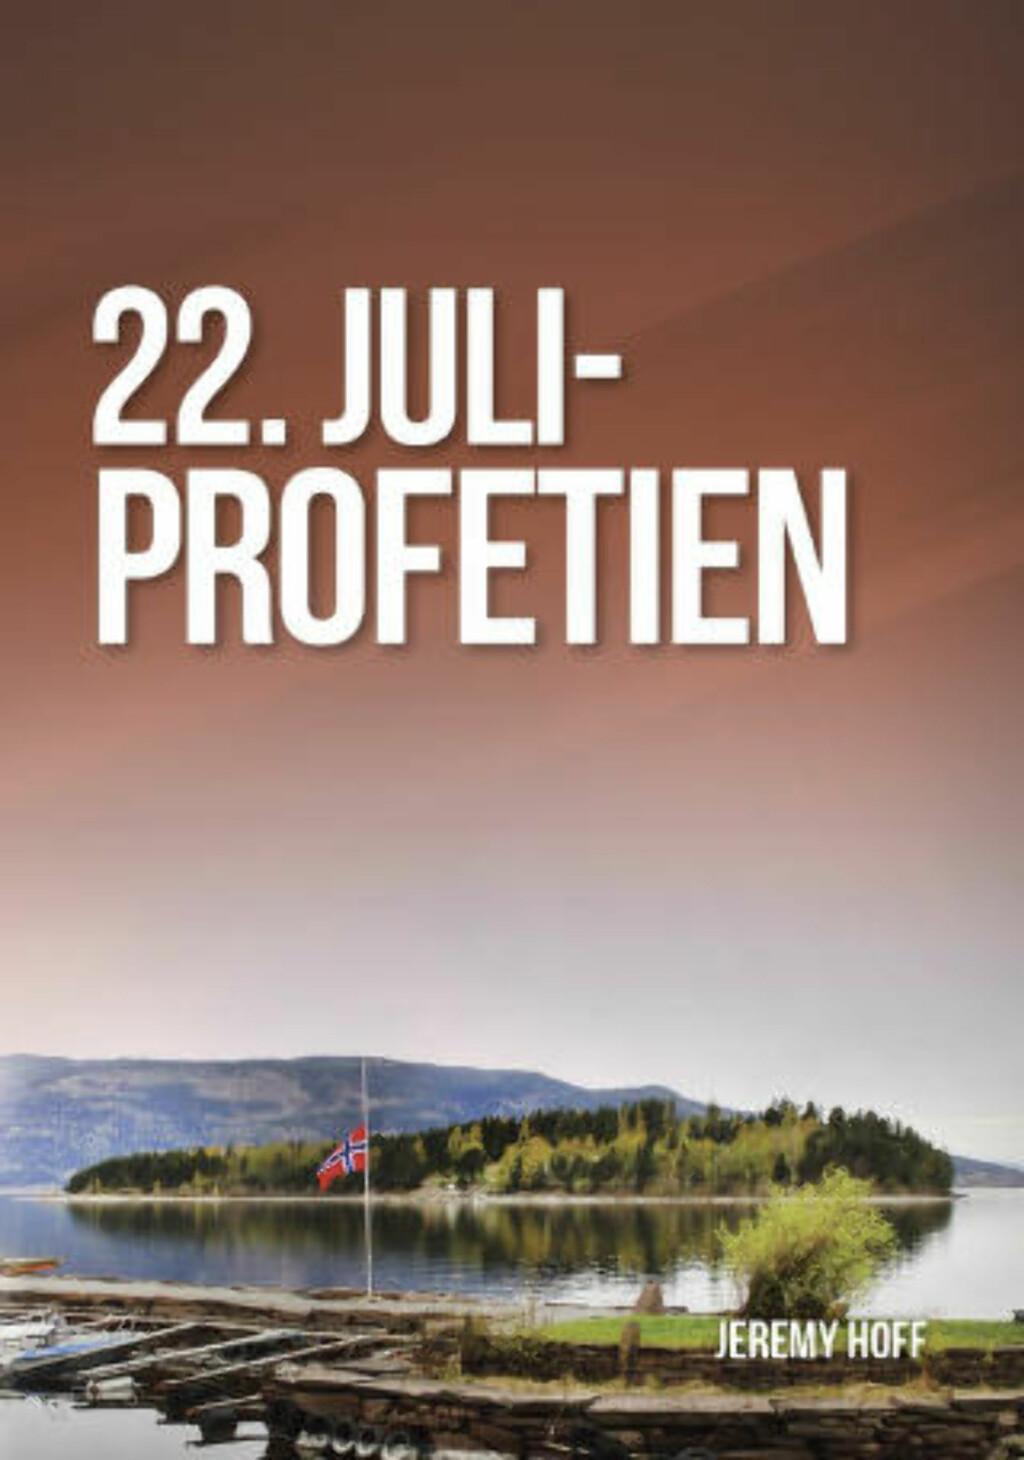 OMSTRIDT BOK: Ifølge boka «22. juli-profetien» lot Gud Anders Behring Breivik drepe 77 mennesker på grunn av Arbeiderpartiet og AUFs Israel-motstand. Boka har ca. 200 bibelreferanser. Faksimile: «22. juli-profetien»